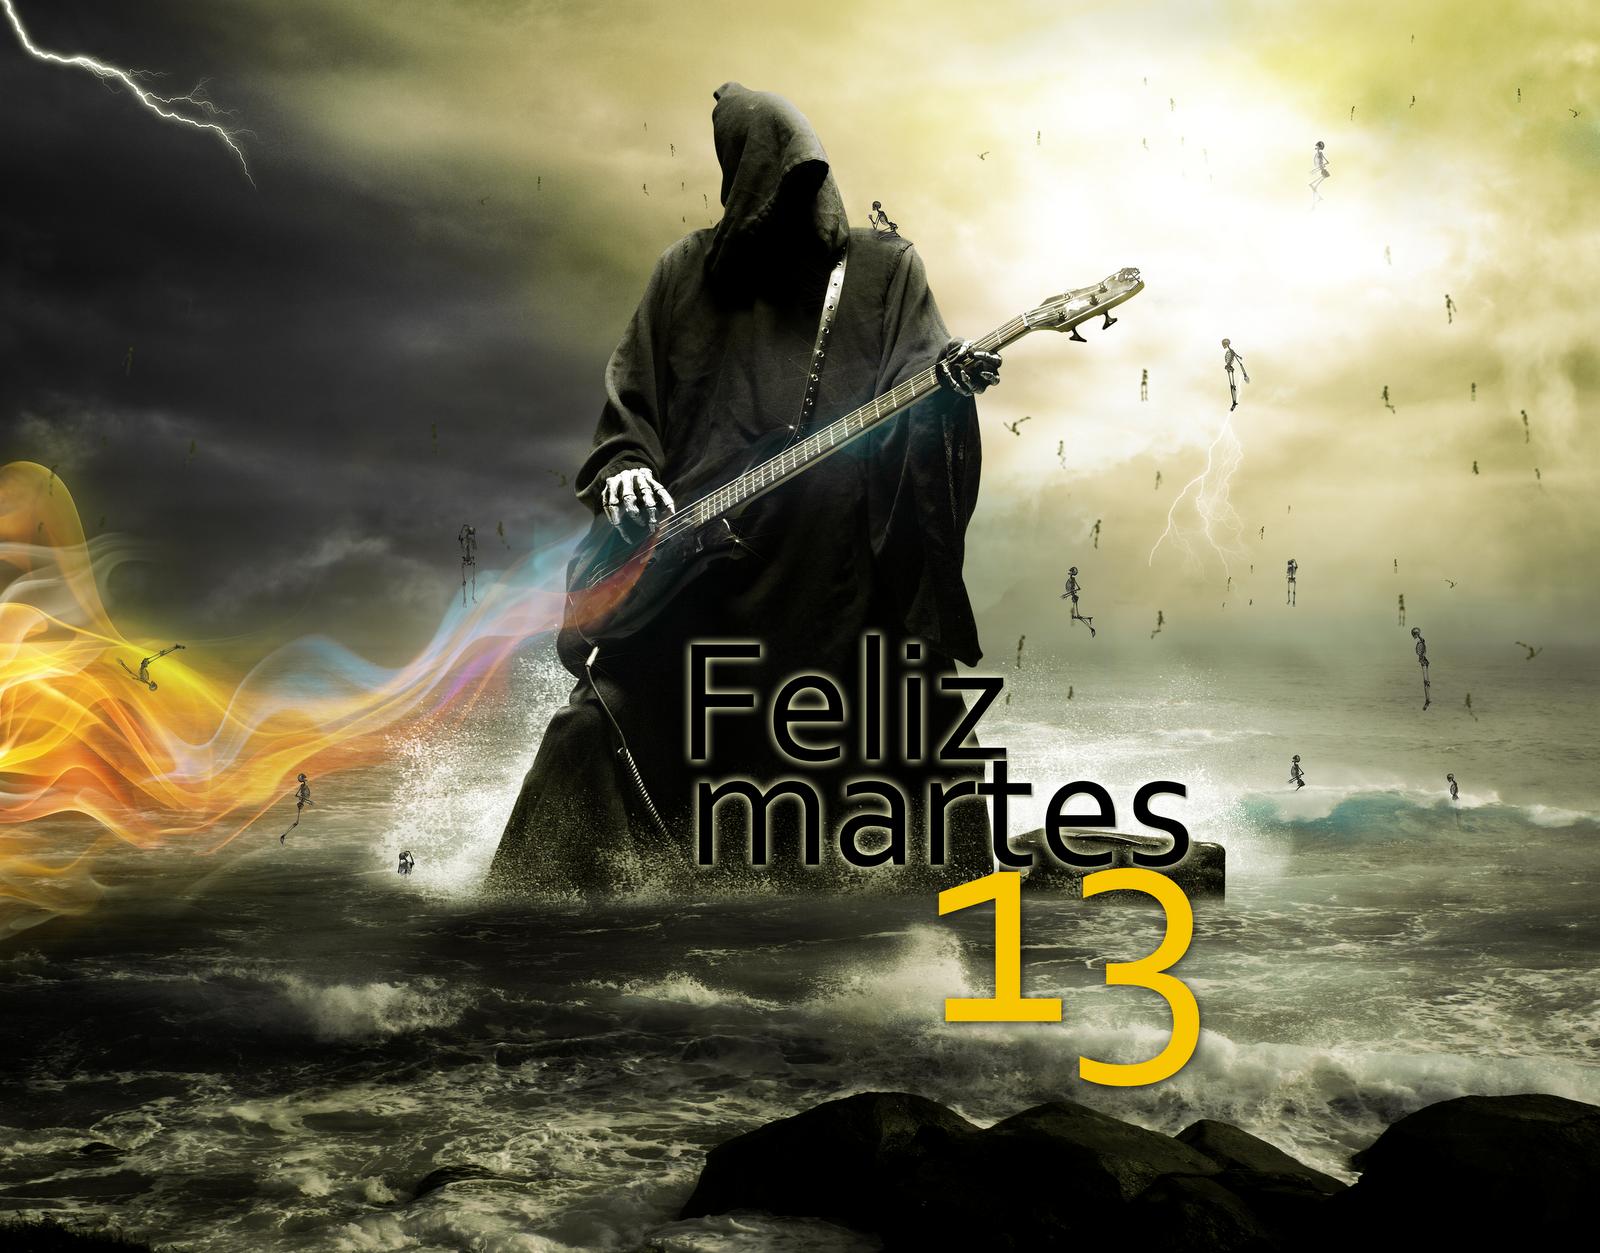 Imágenes de Martes 13 para descargar - Las Mejores Imagenes online